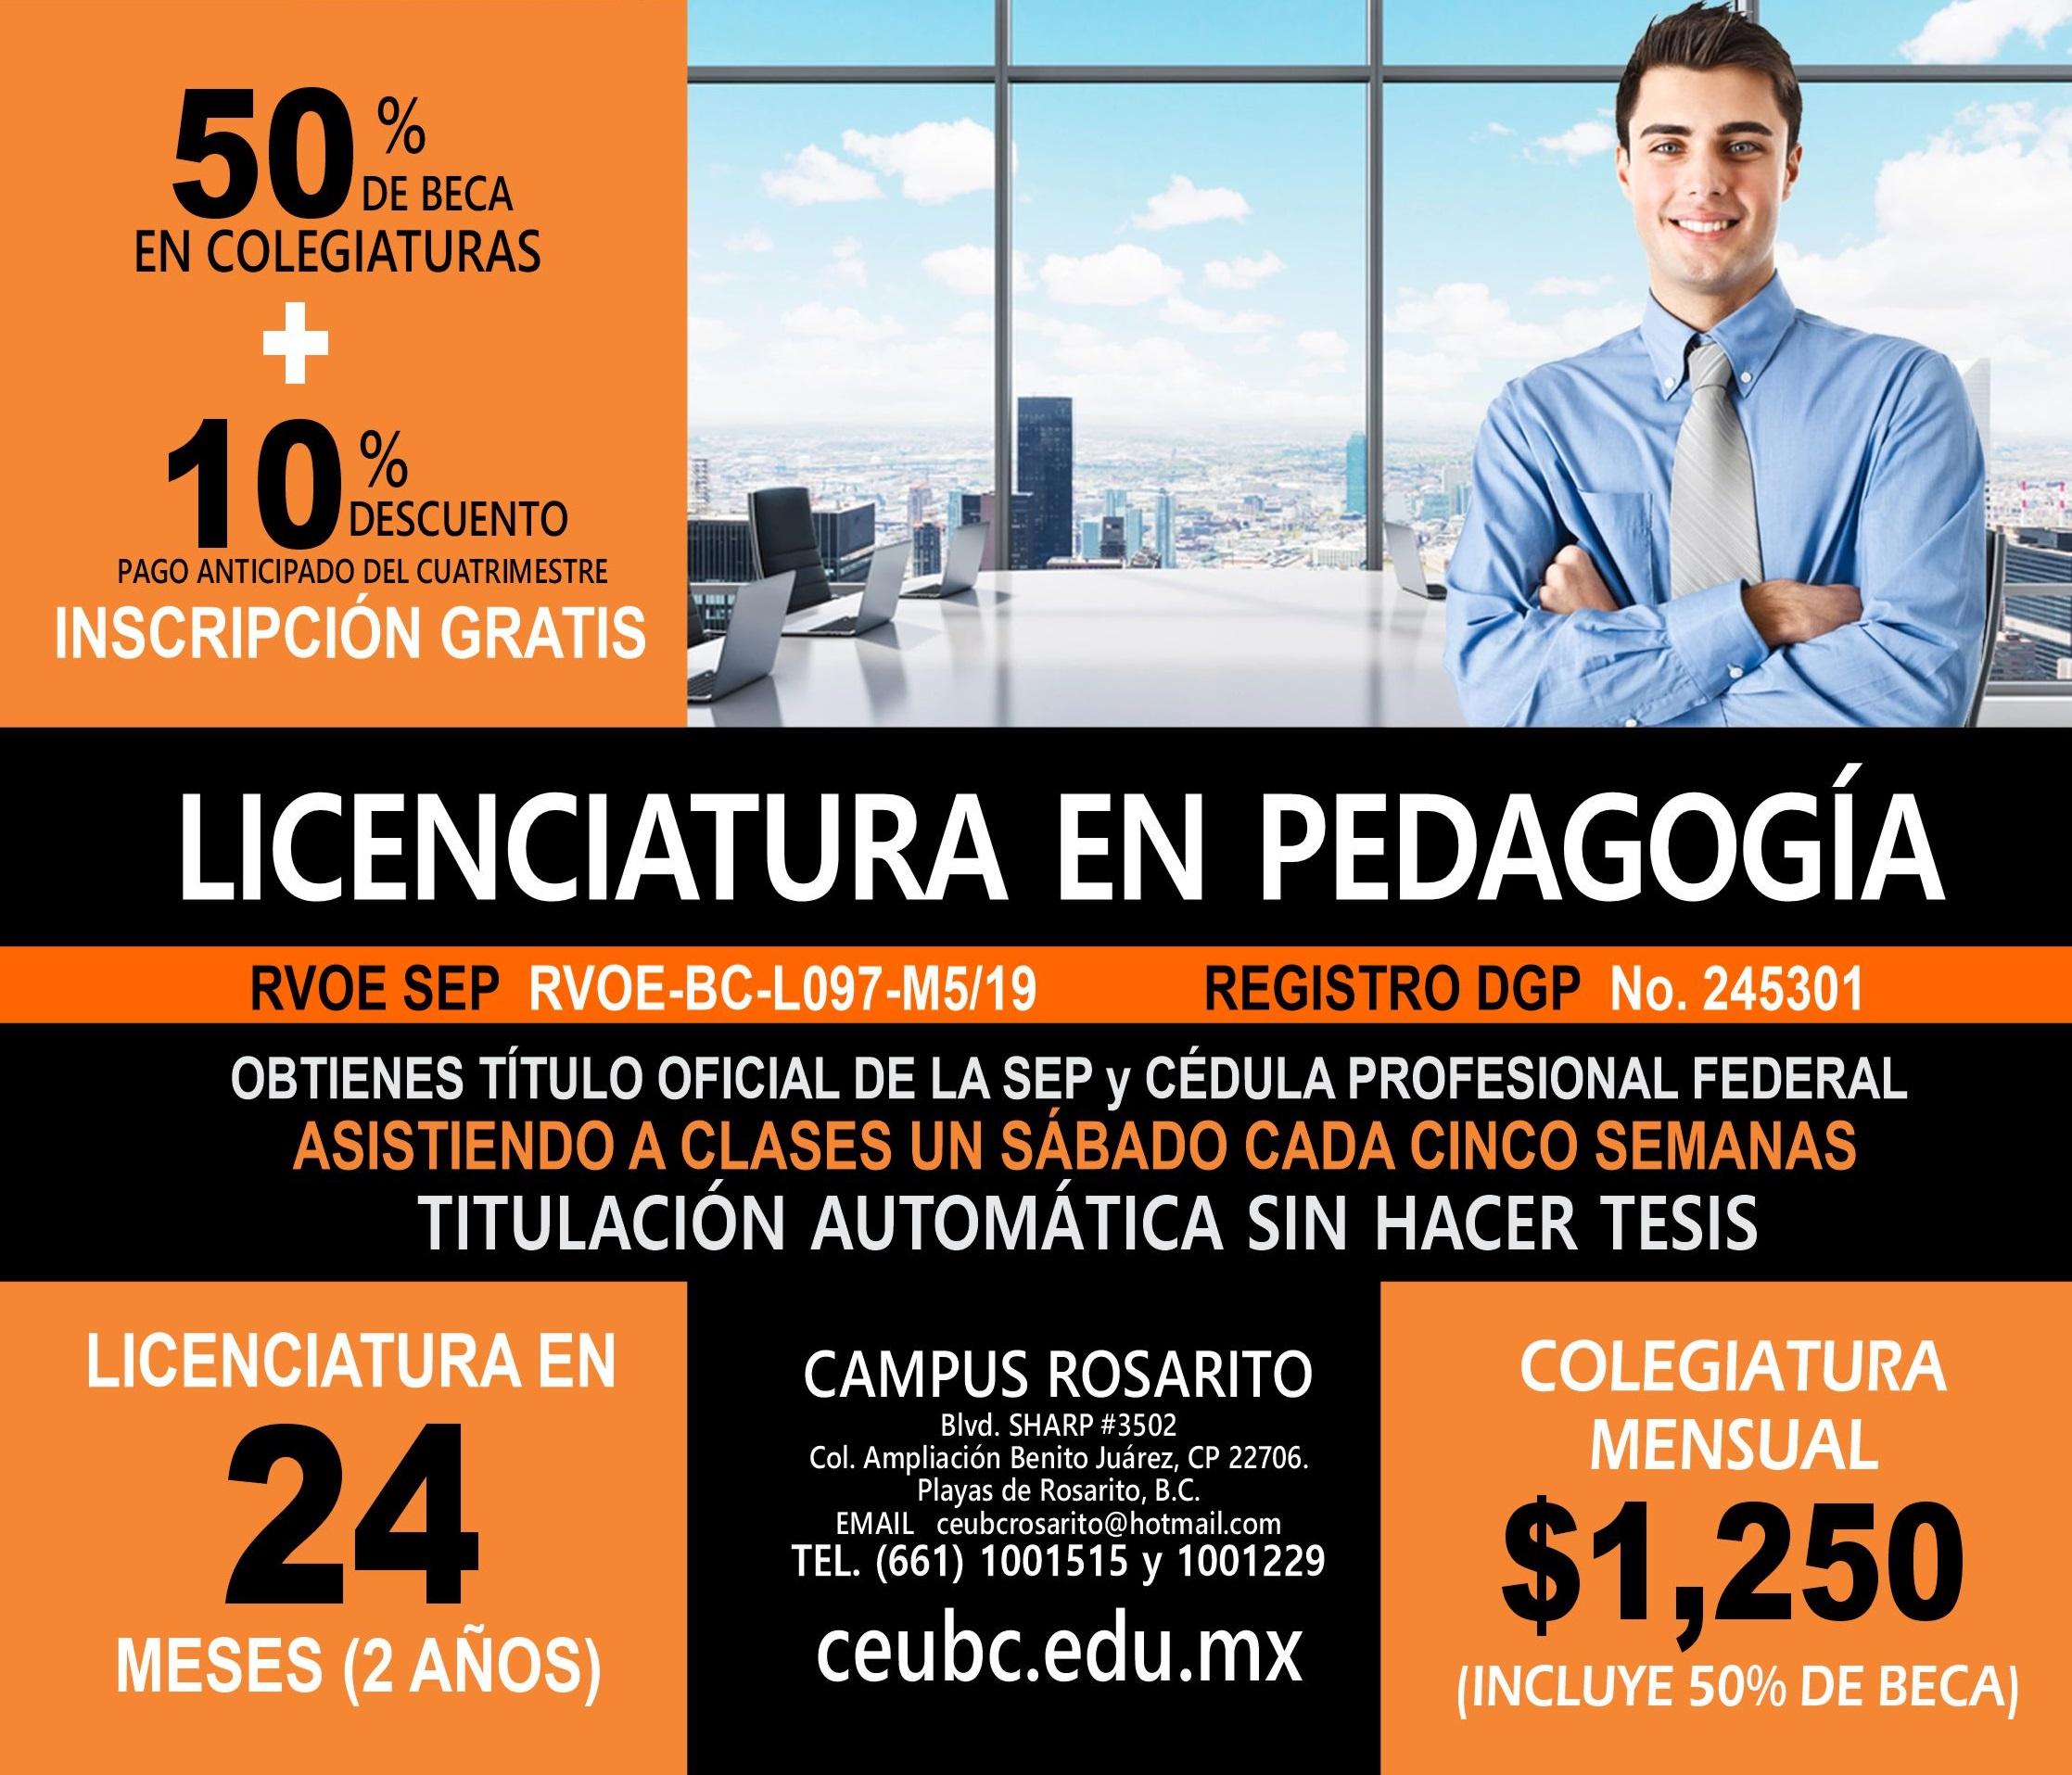 RVOE oficial: Licenciatura en Pedagogía